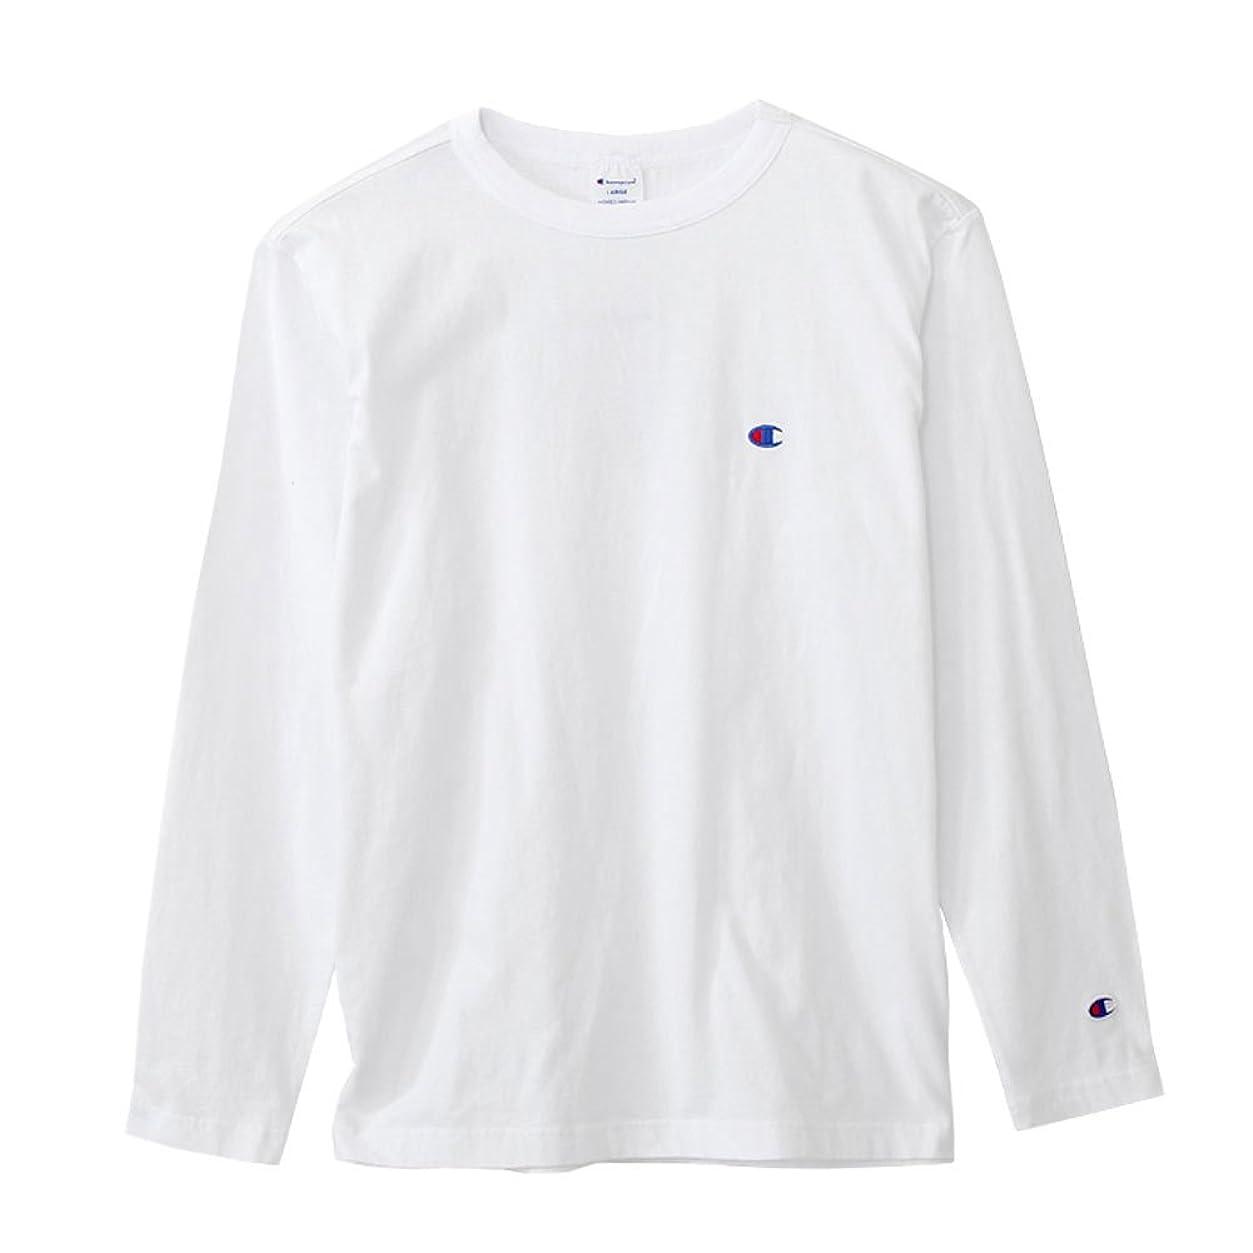 マルコポーロ器用呼びかける(チャンピオン) Champion Tシャツ ワンポイント ロングスリーブTシャツ 2019SS ベーシック アメカジ C3-P401 White ホワイト